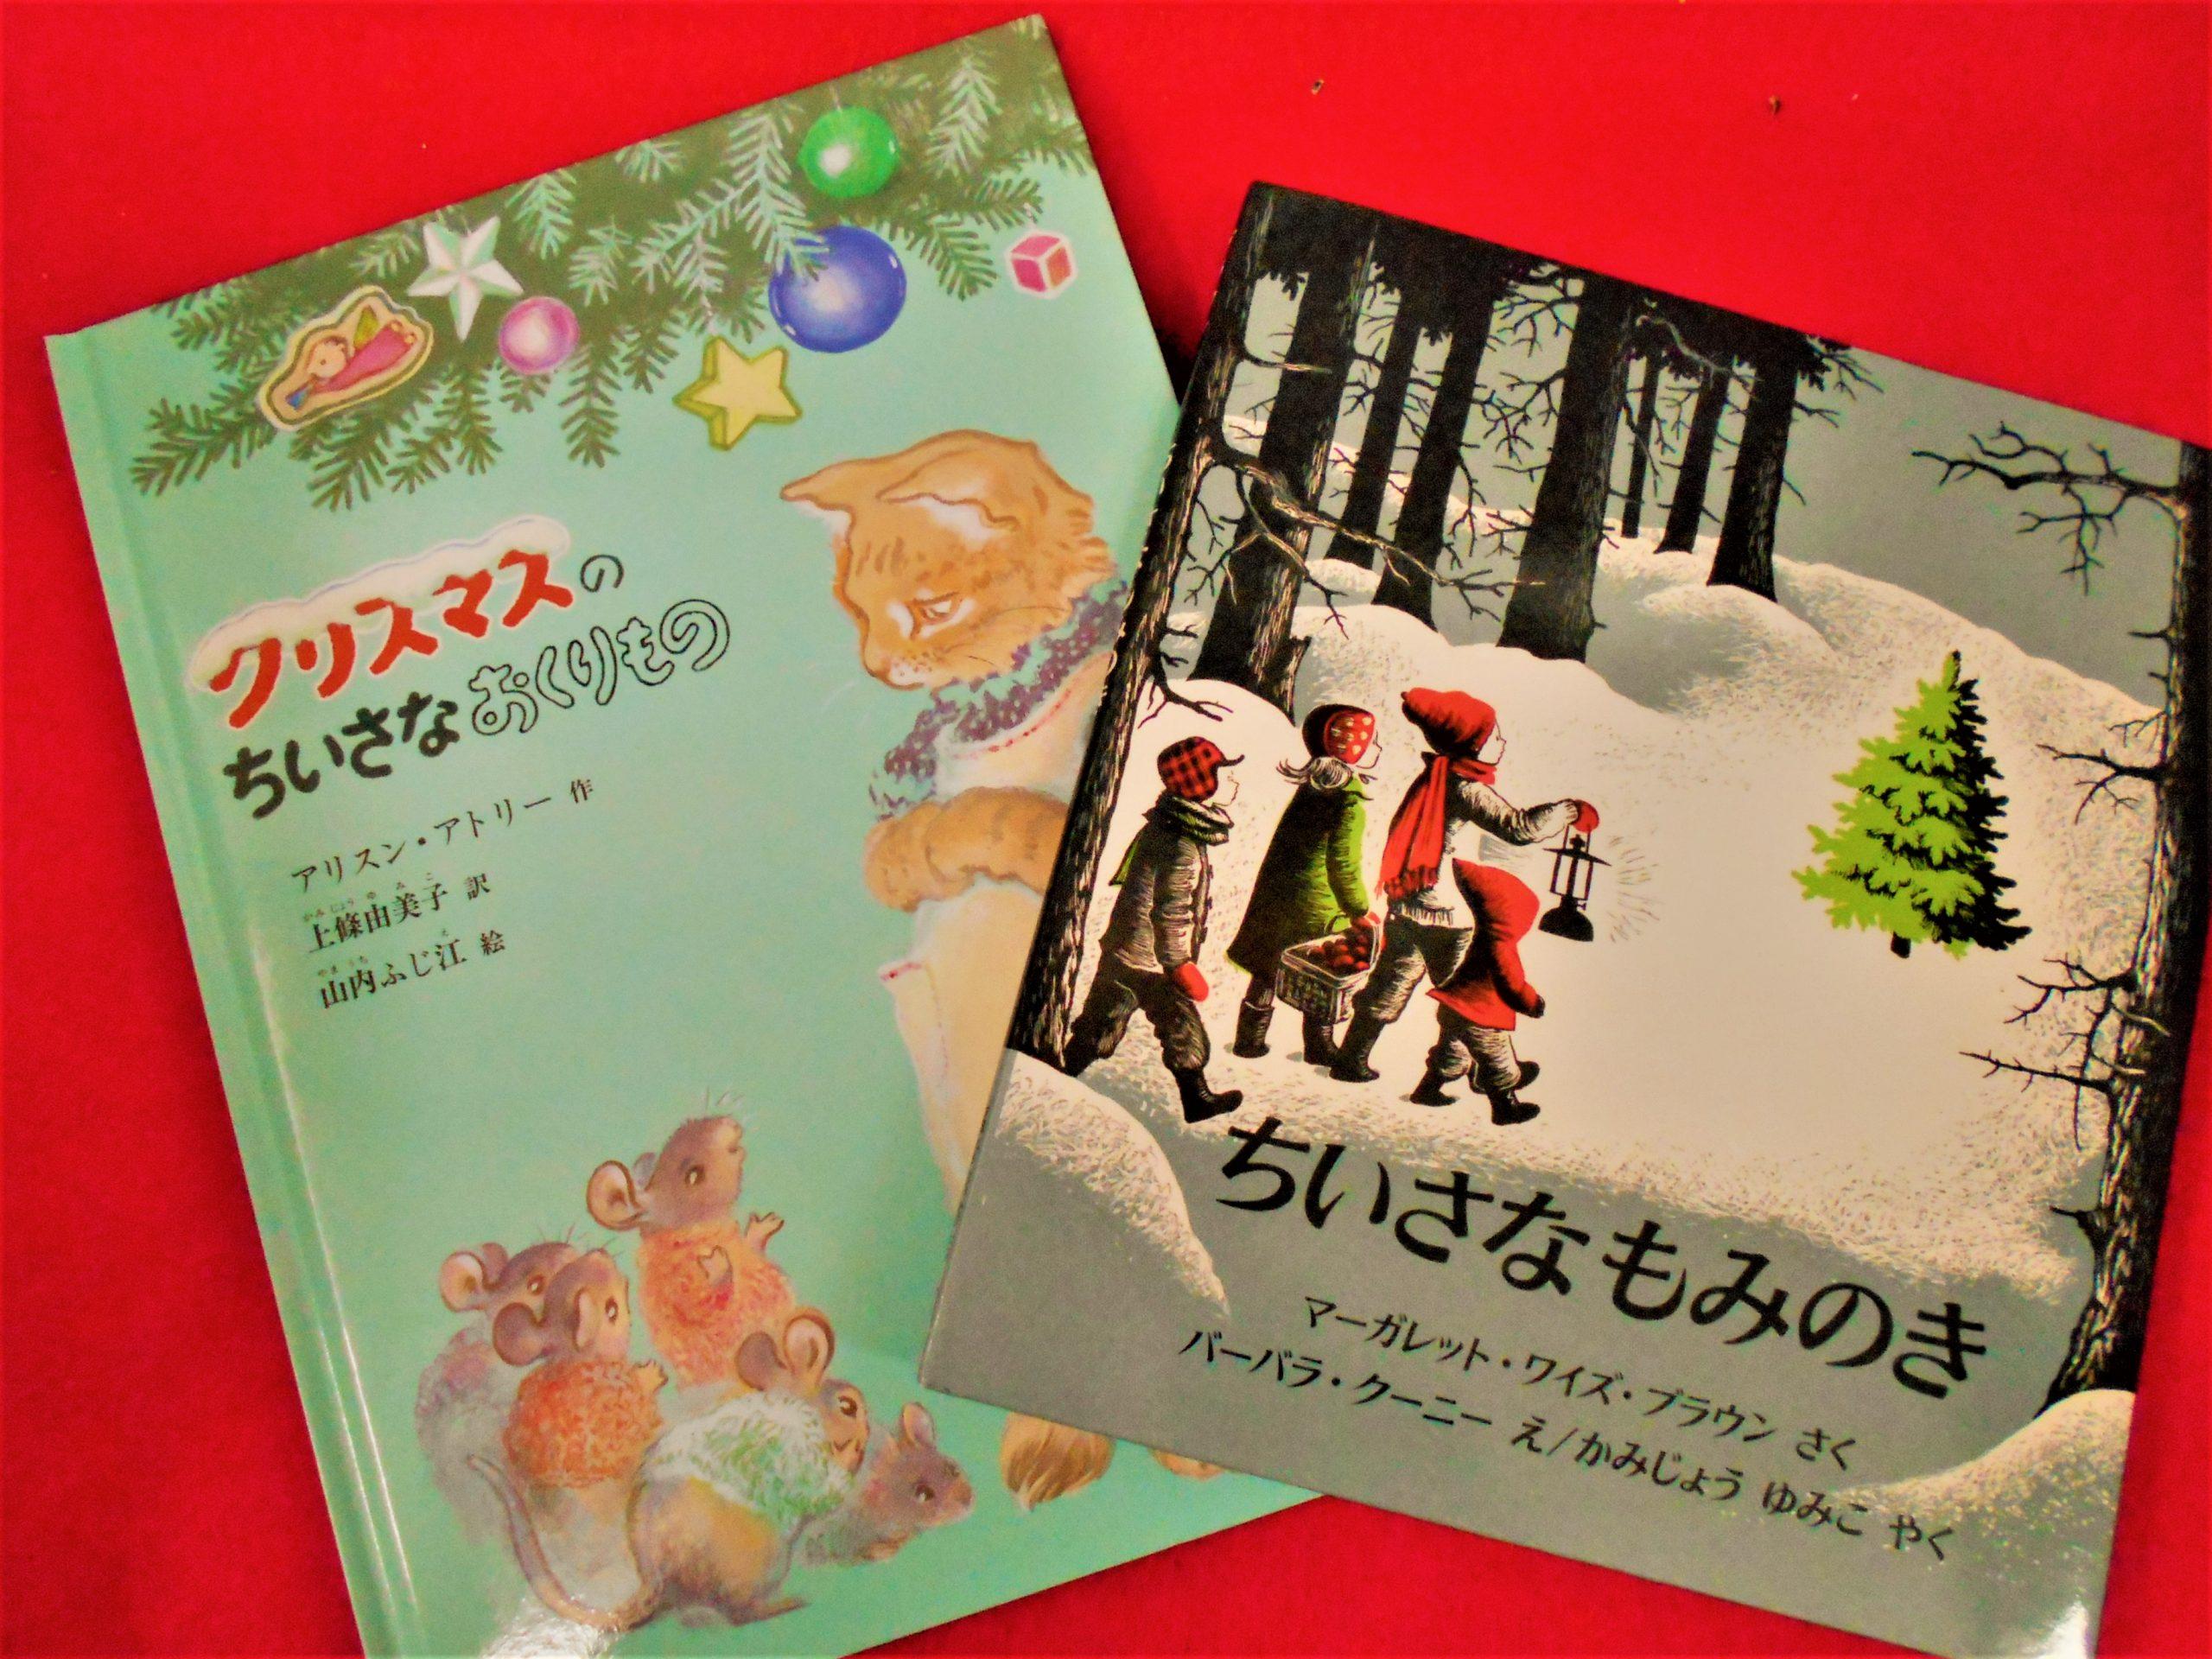 クリスマスの絵本★お子様へのおみやげにも!戸越銀座の古本屋「小川書店」営業中★の画像